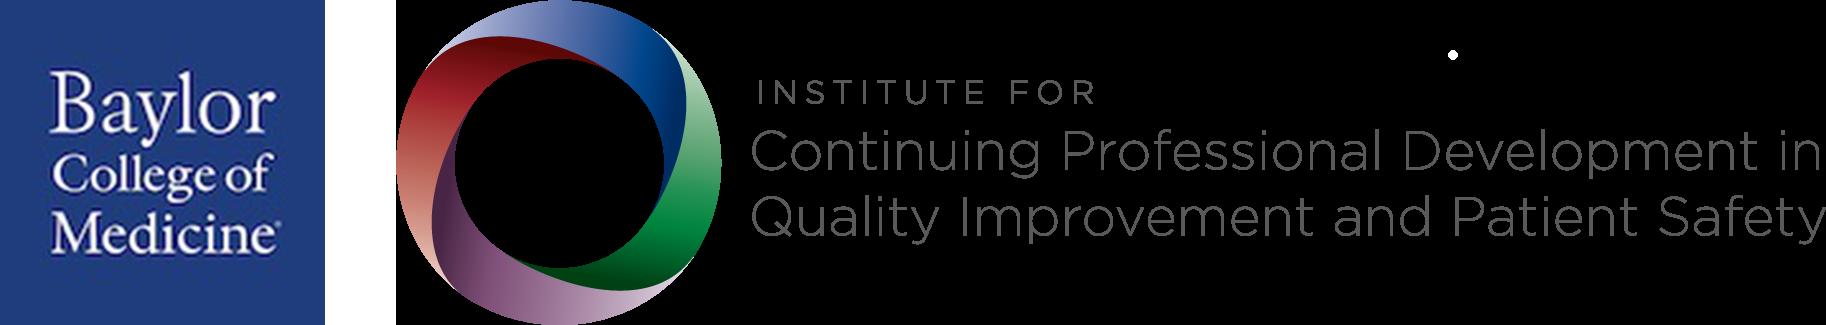 Baylor College of Medicine Logo